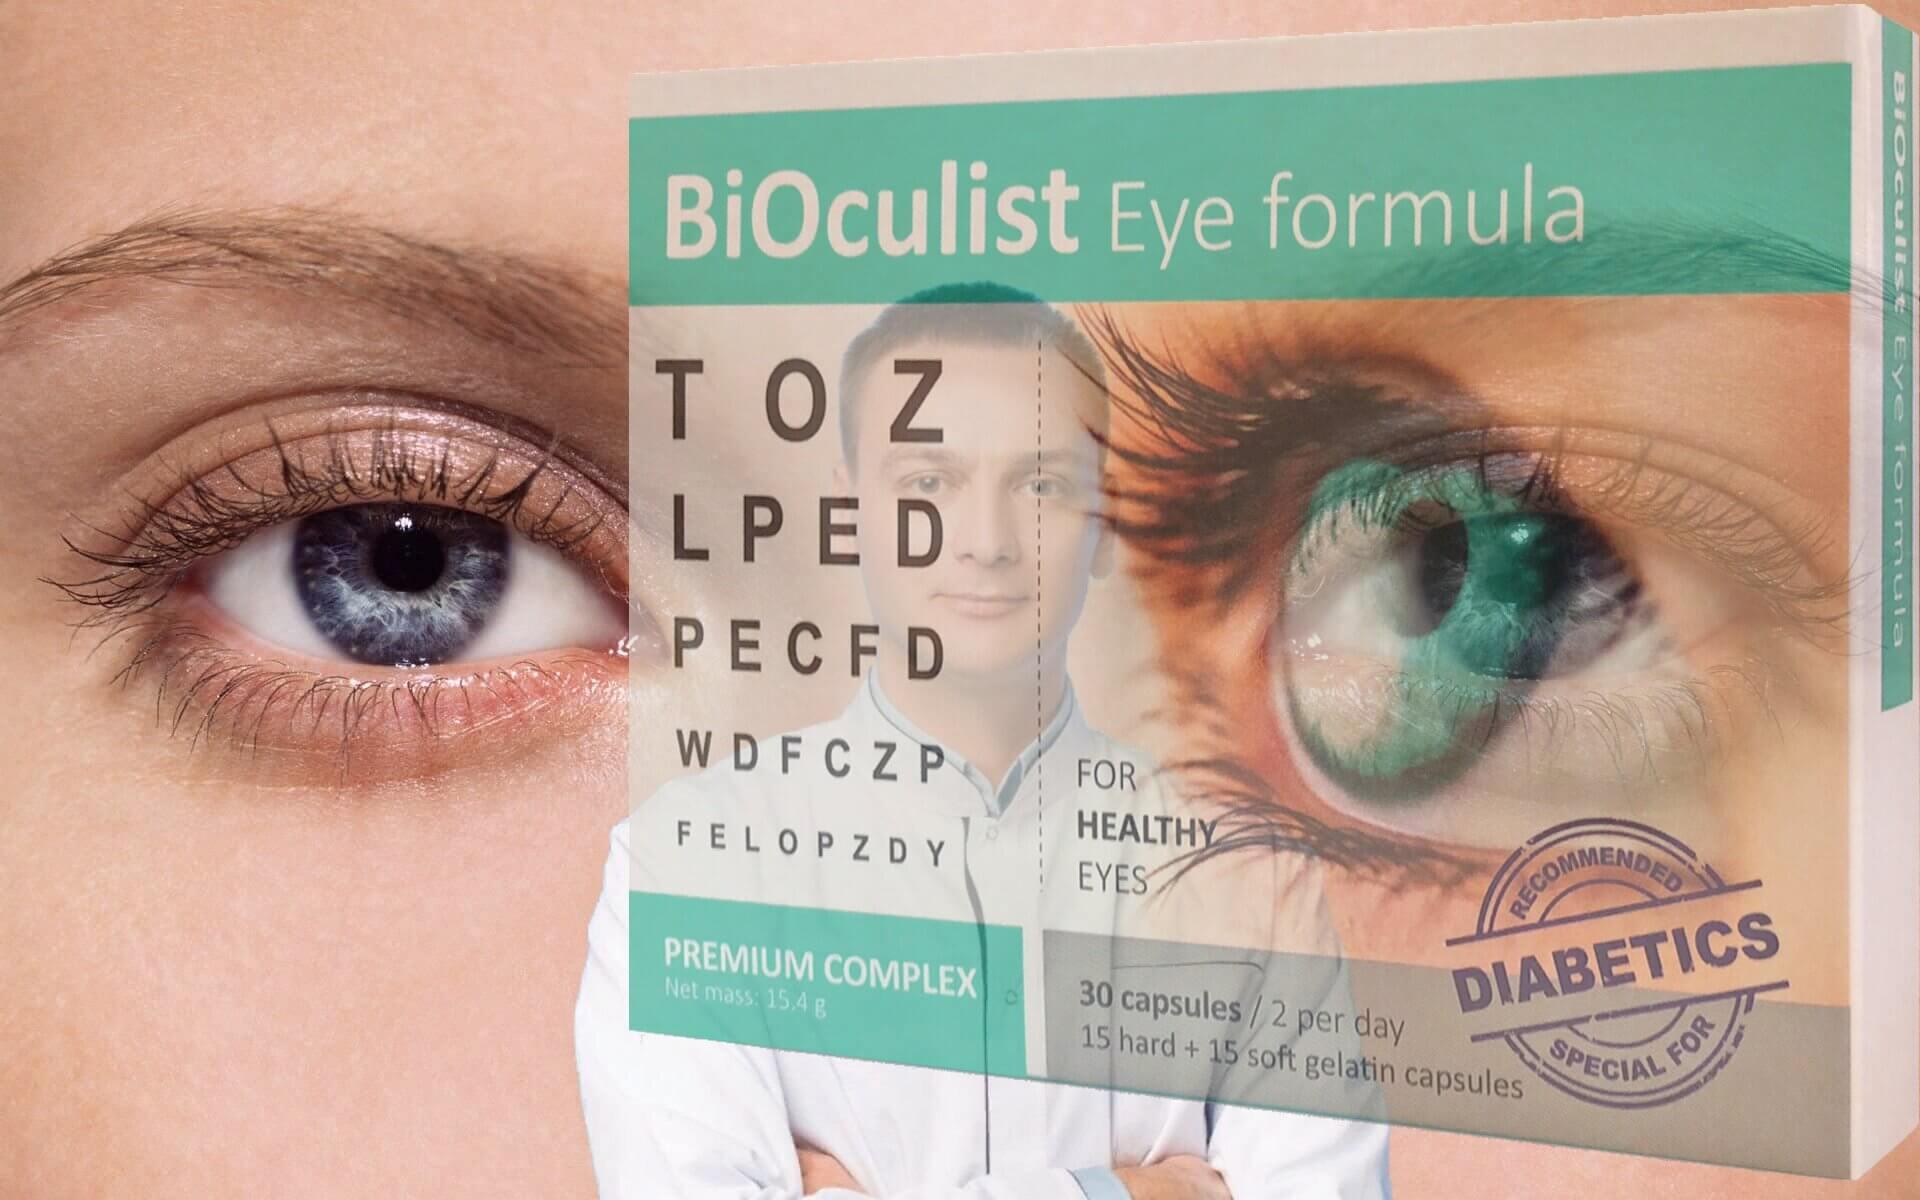 fordított ászanák a rossz látás érdekében más látás az